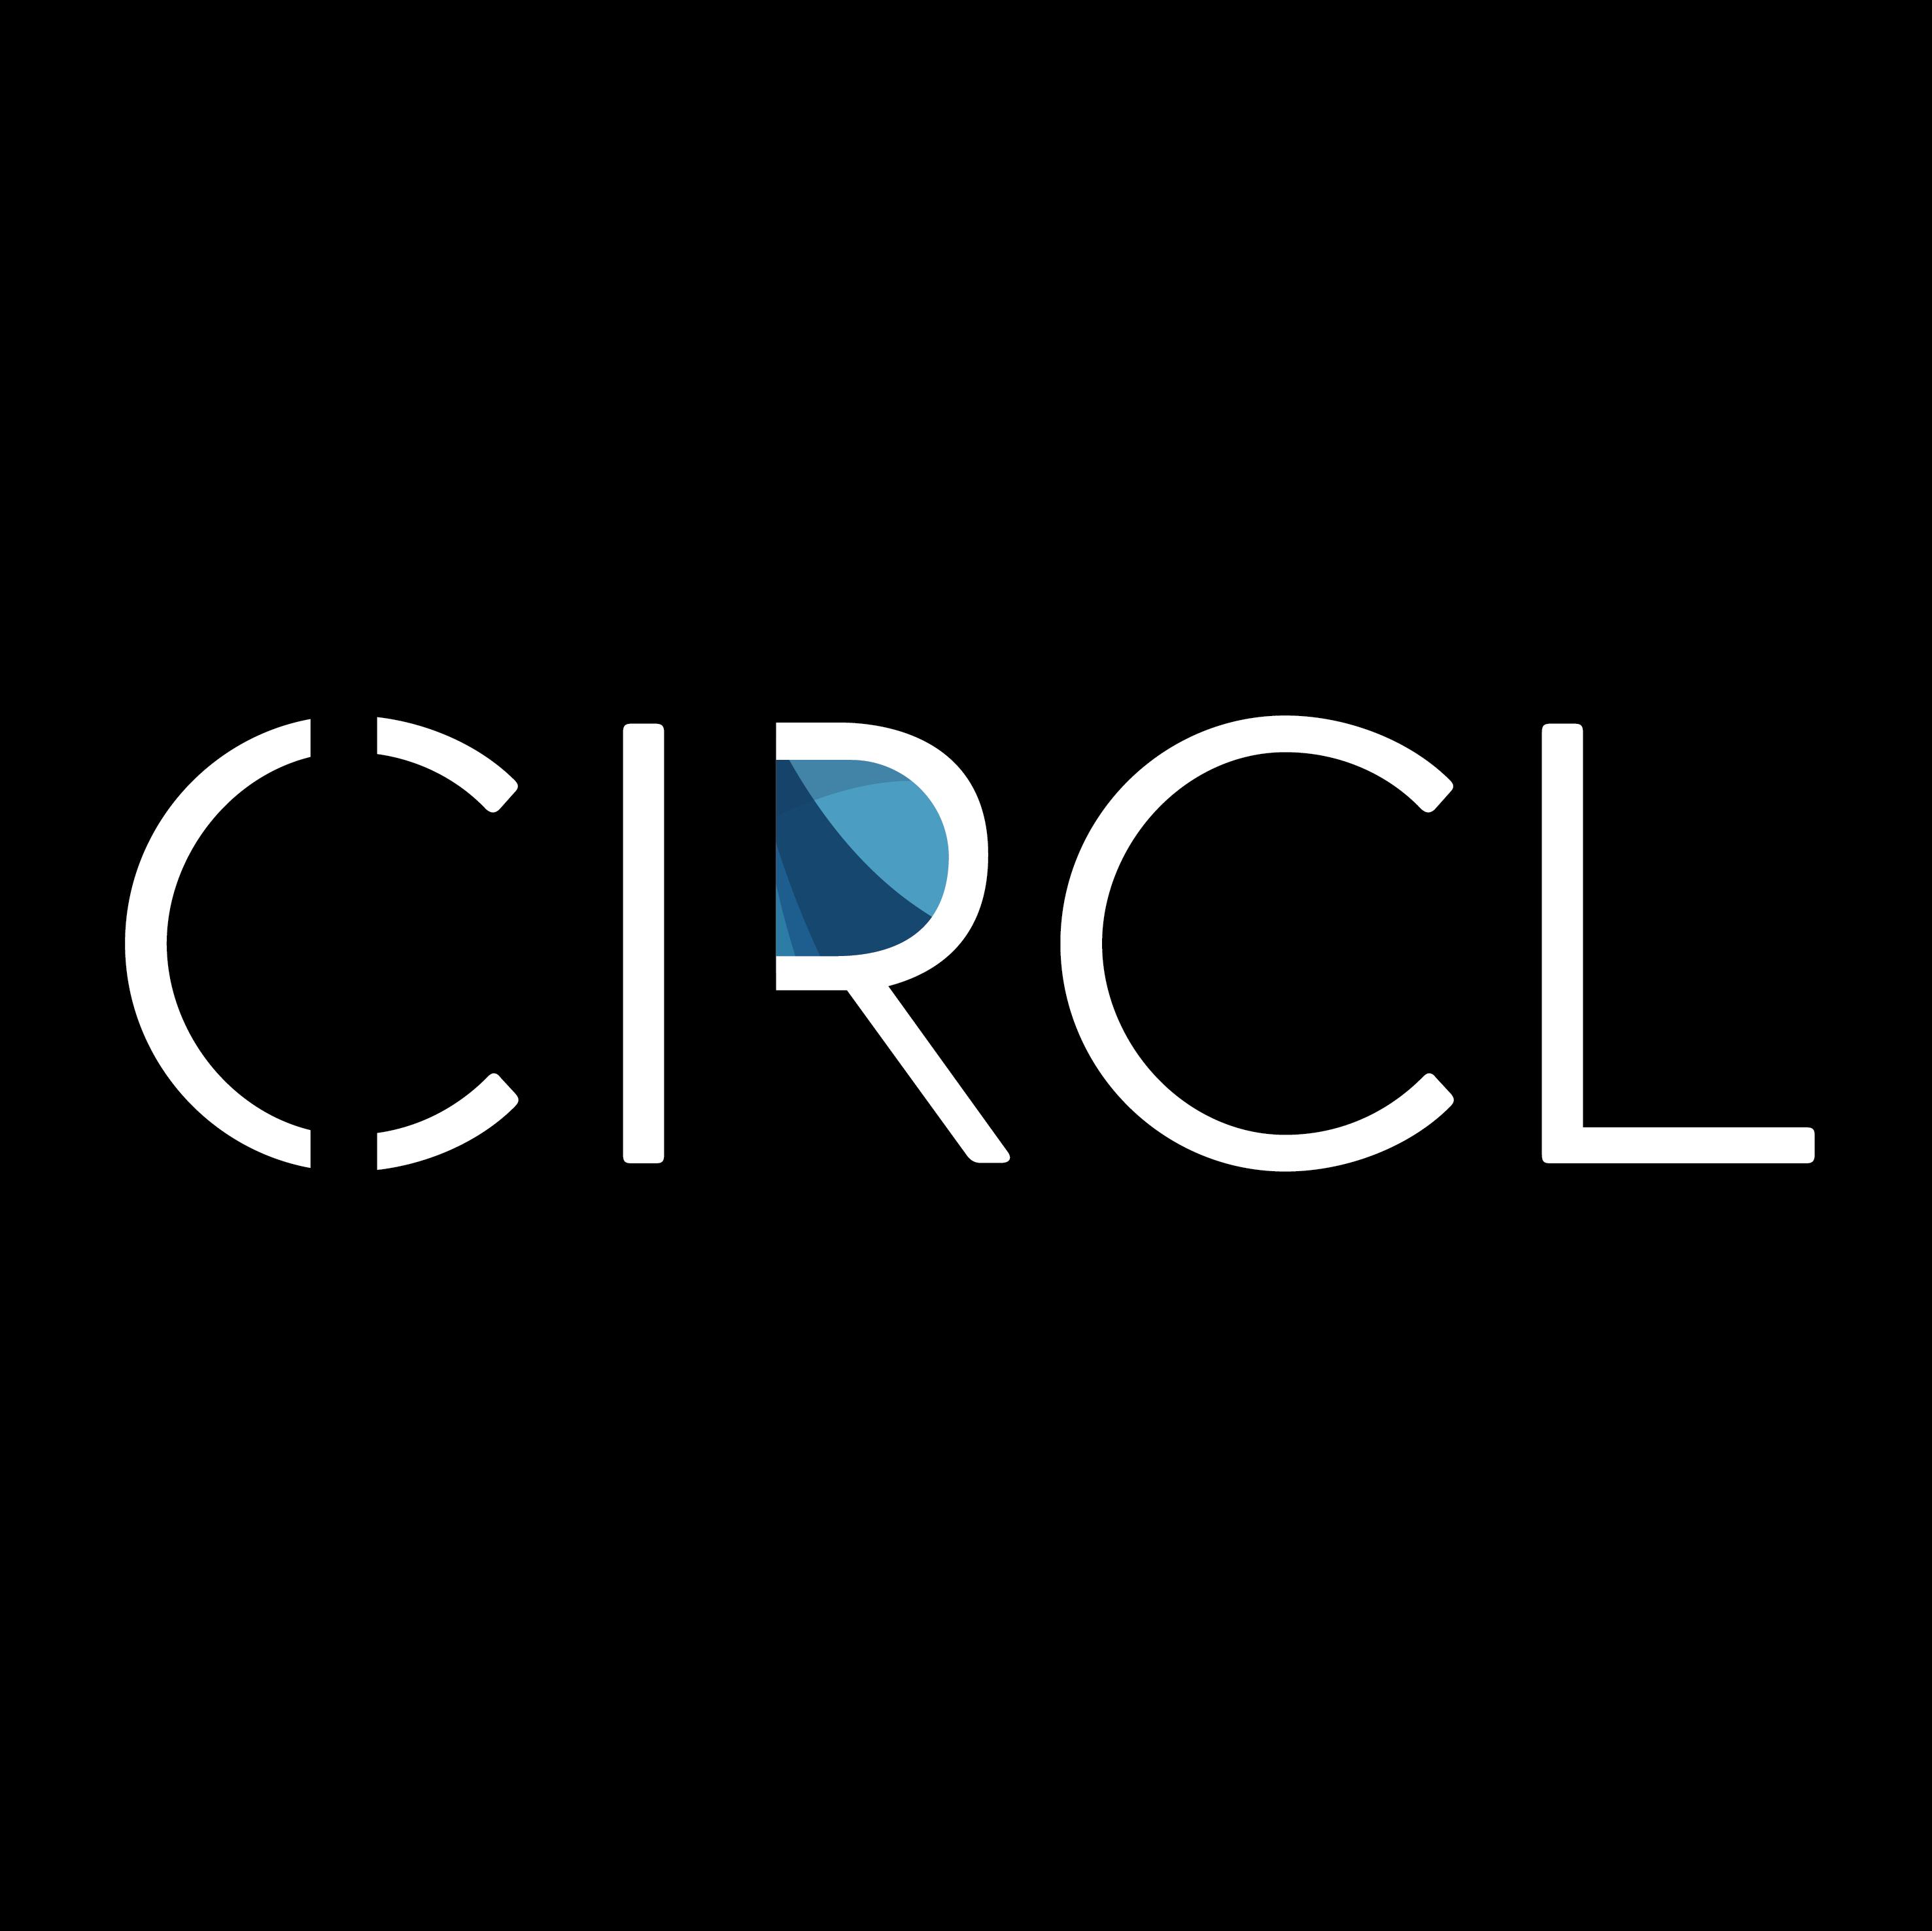 CIRCL company logo